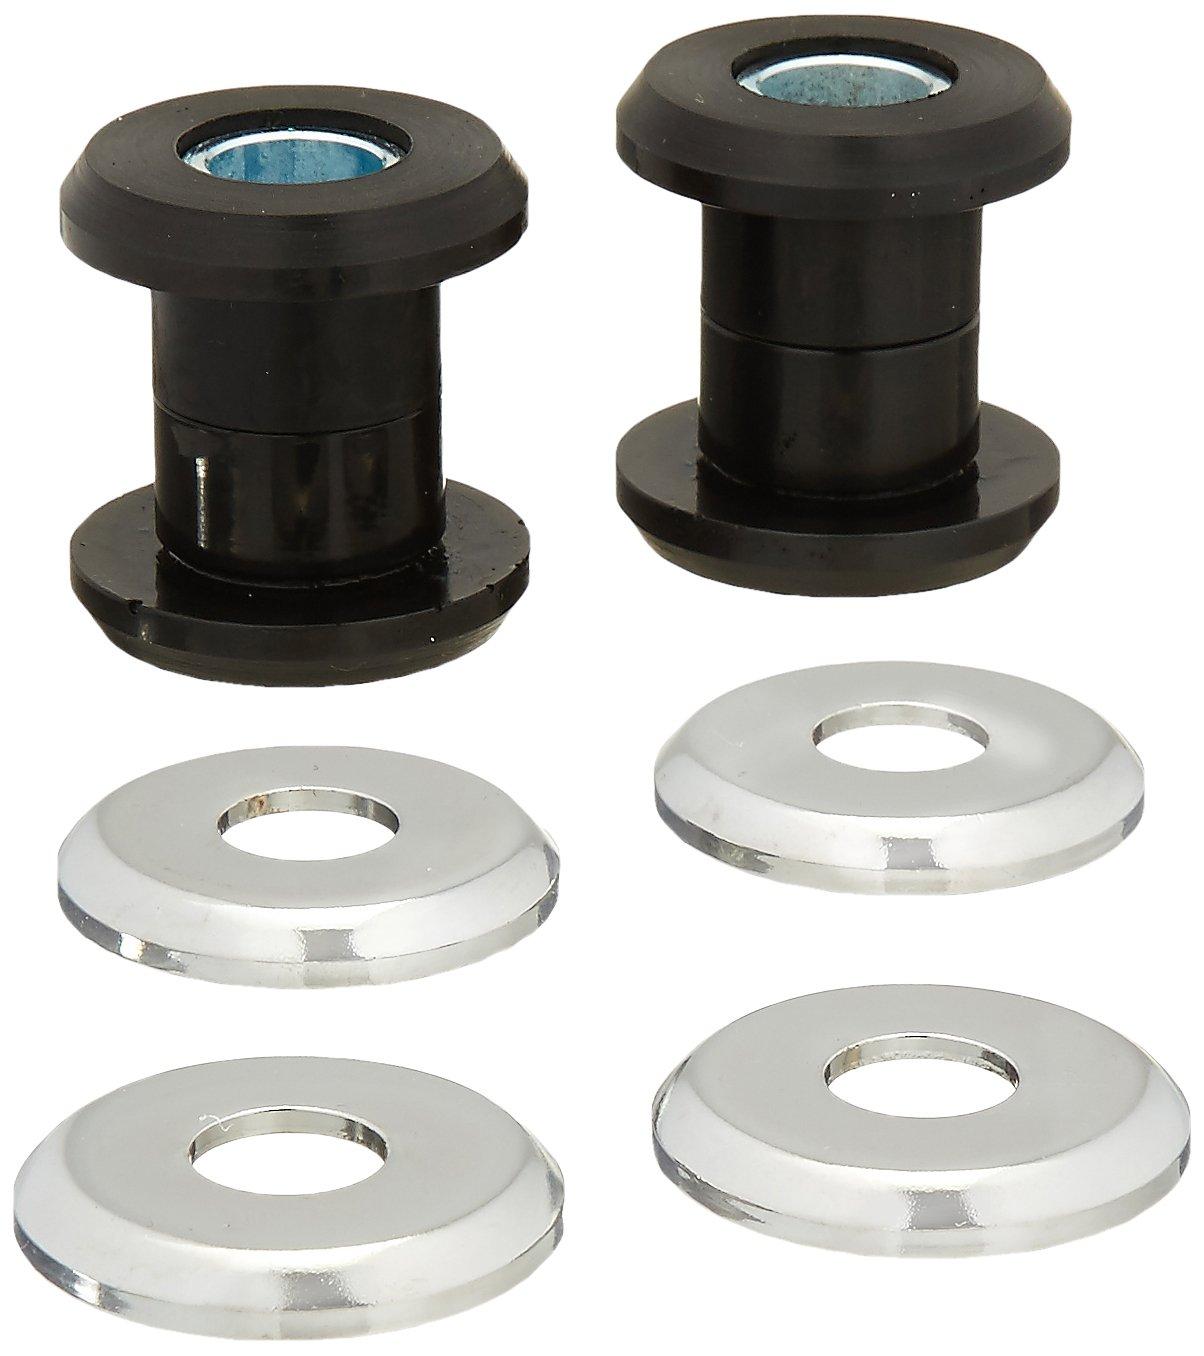 Arlen Ness 08-029 Polyurethane Riser Bushing Kit by Arlen Ness